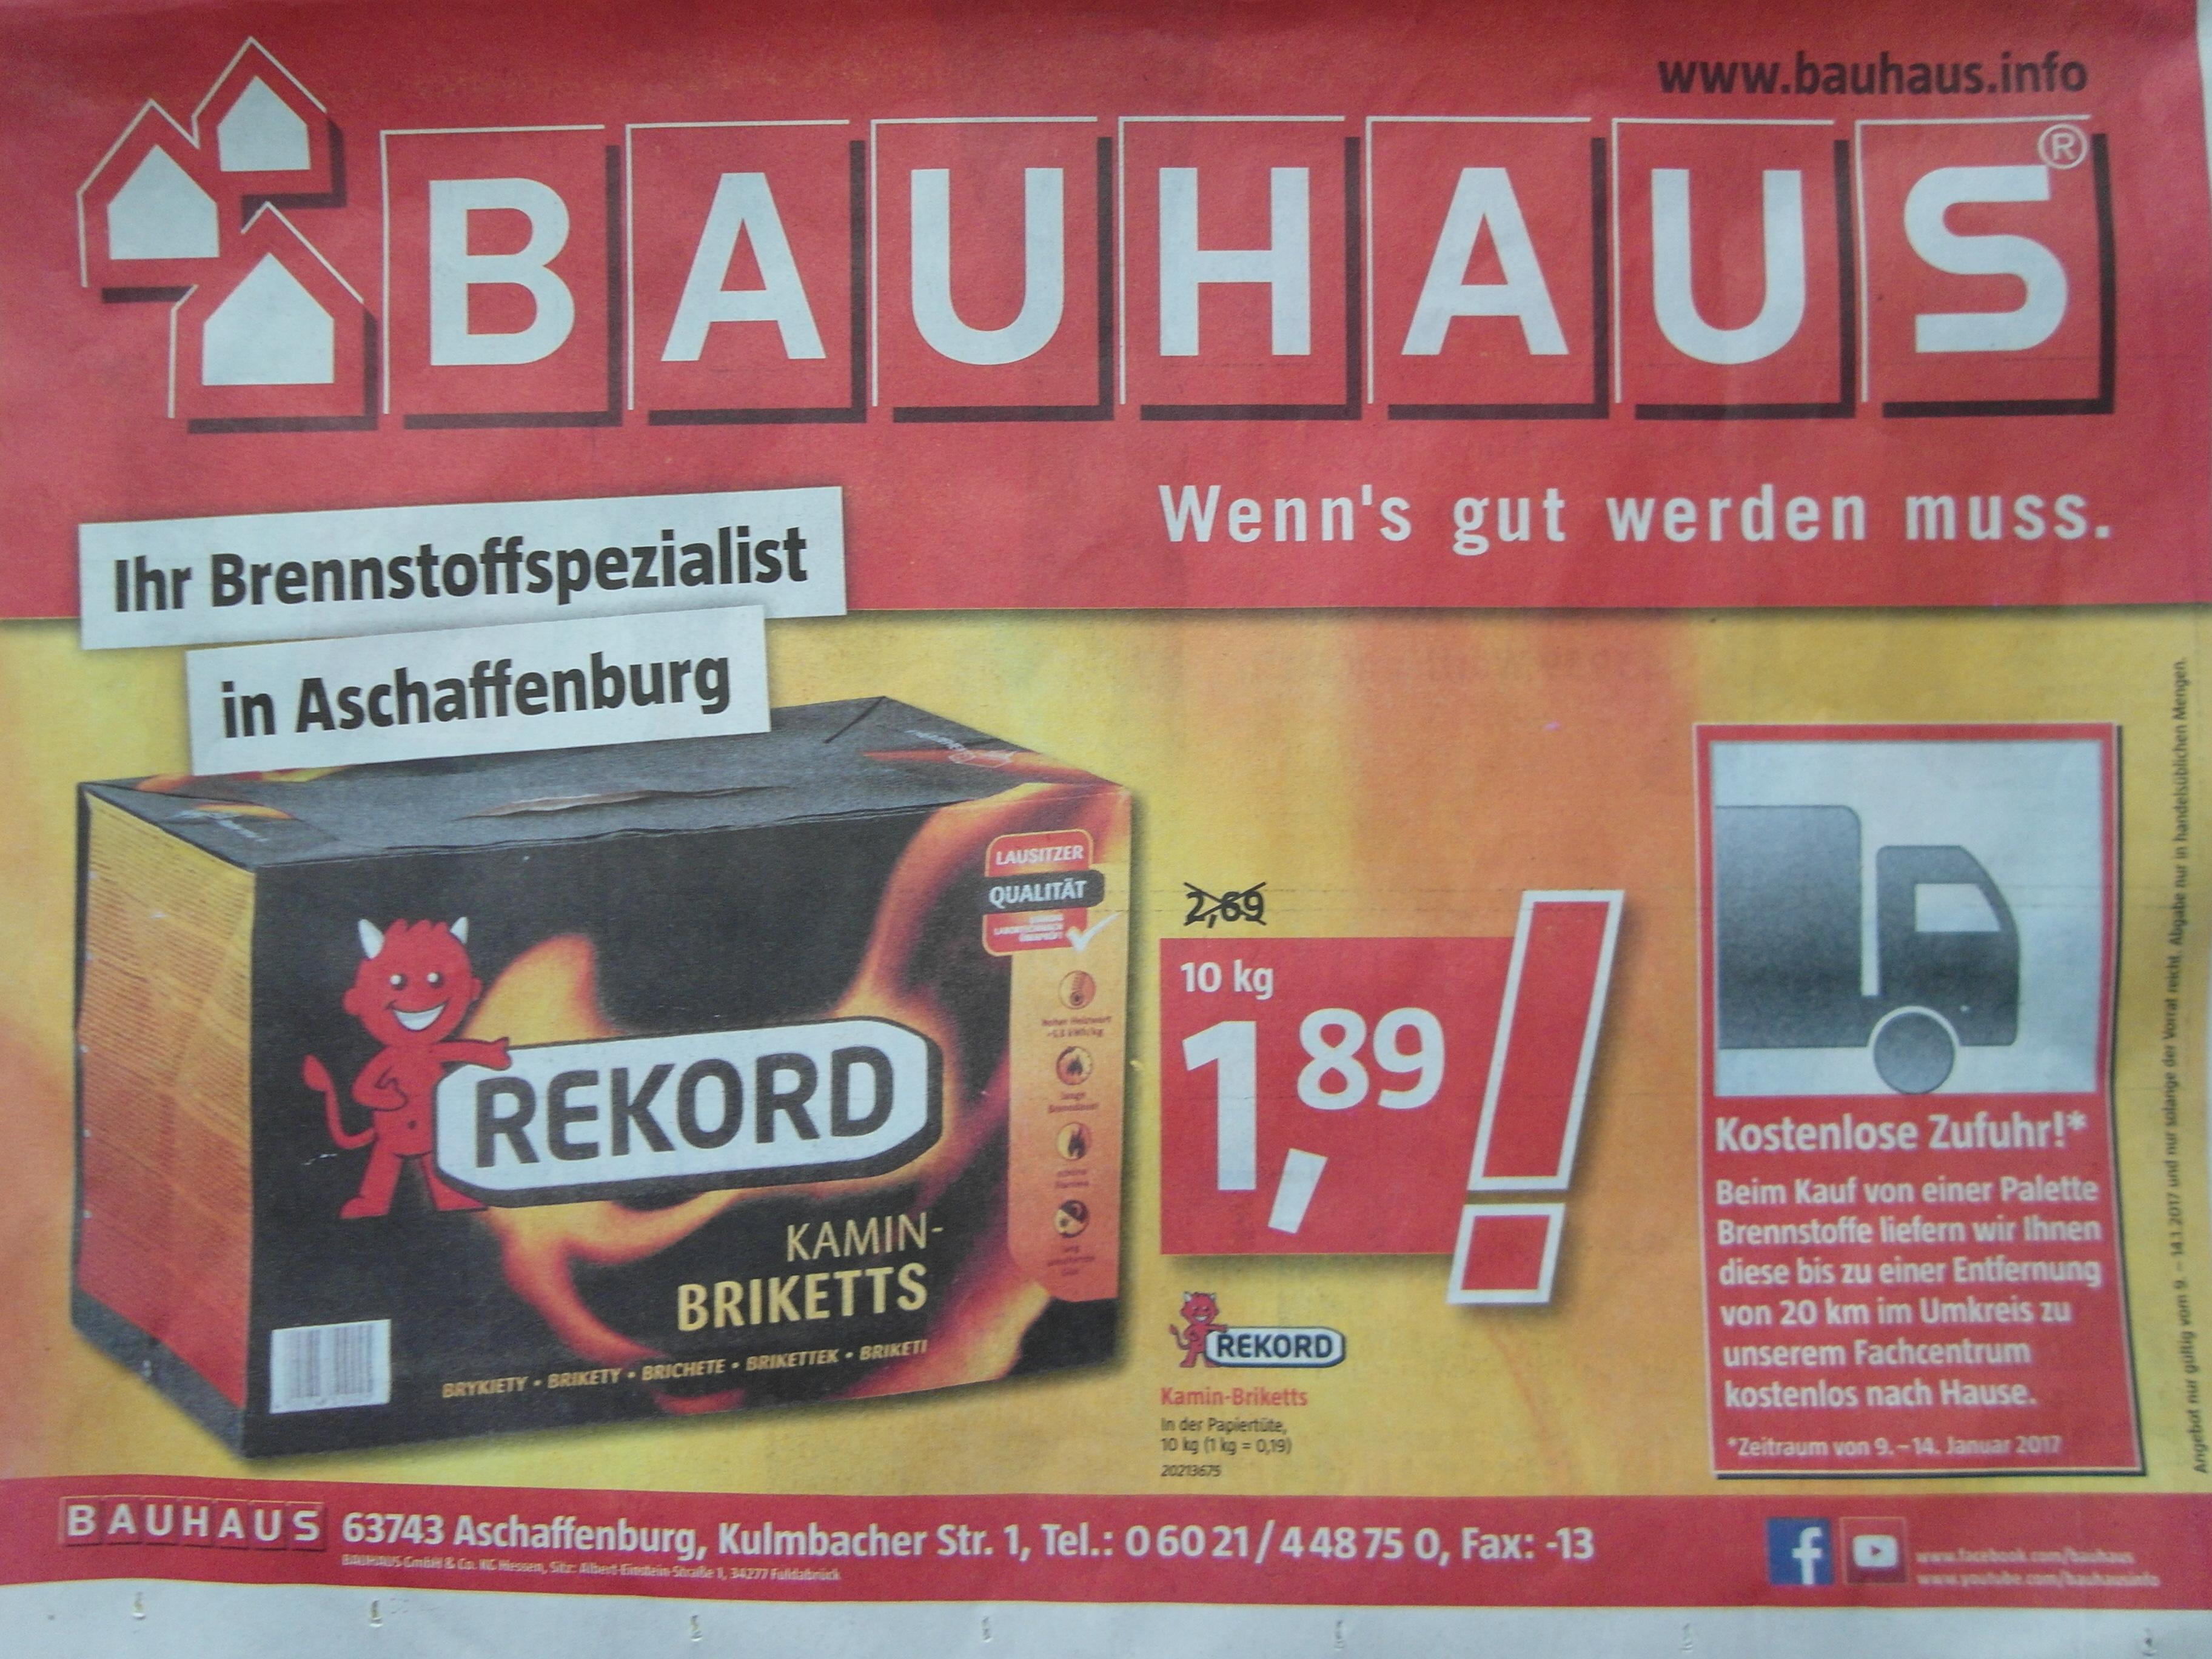 Lokal: Aschaffenburg Bauhaus 10 KG Kohlebriketts 1,89 & Kostenfreie Palettenlieferung